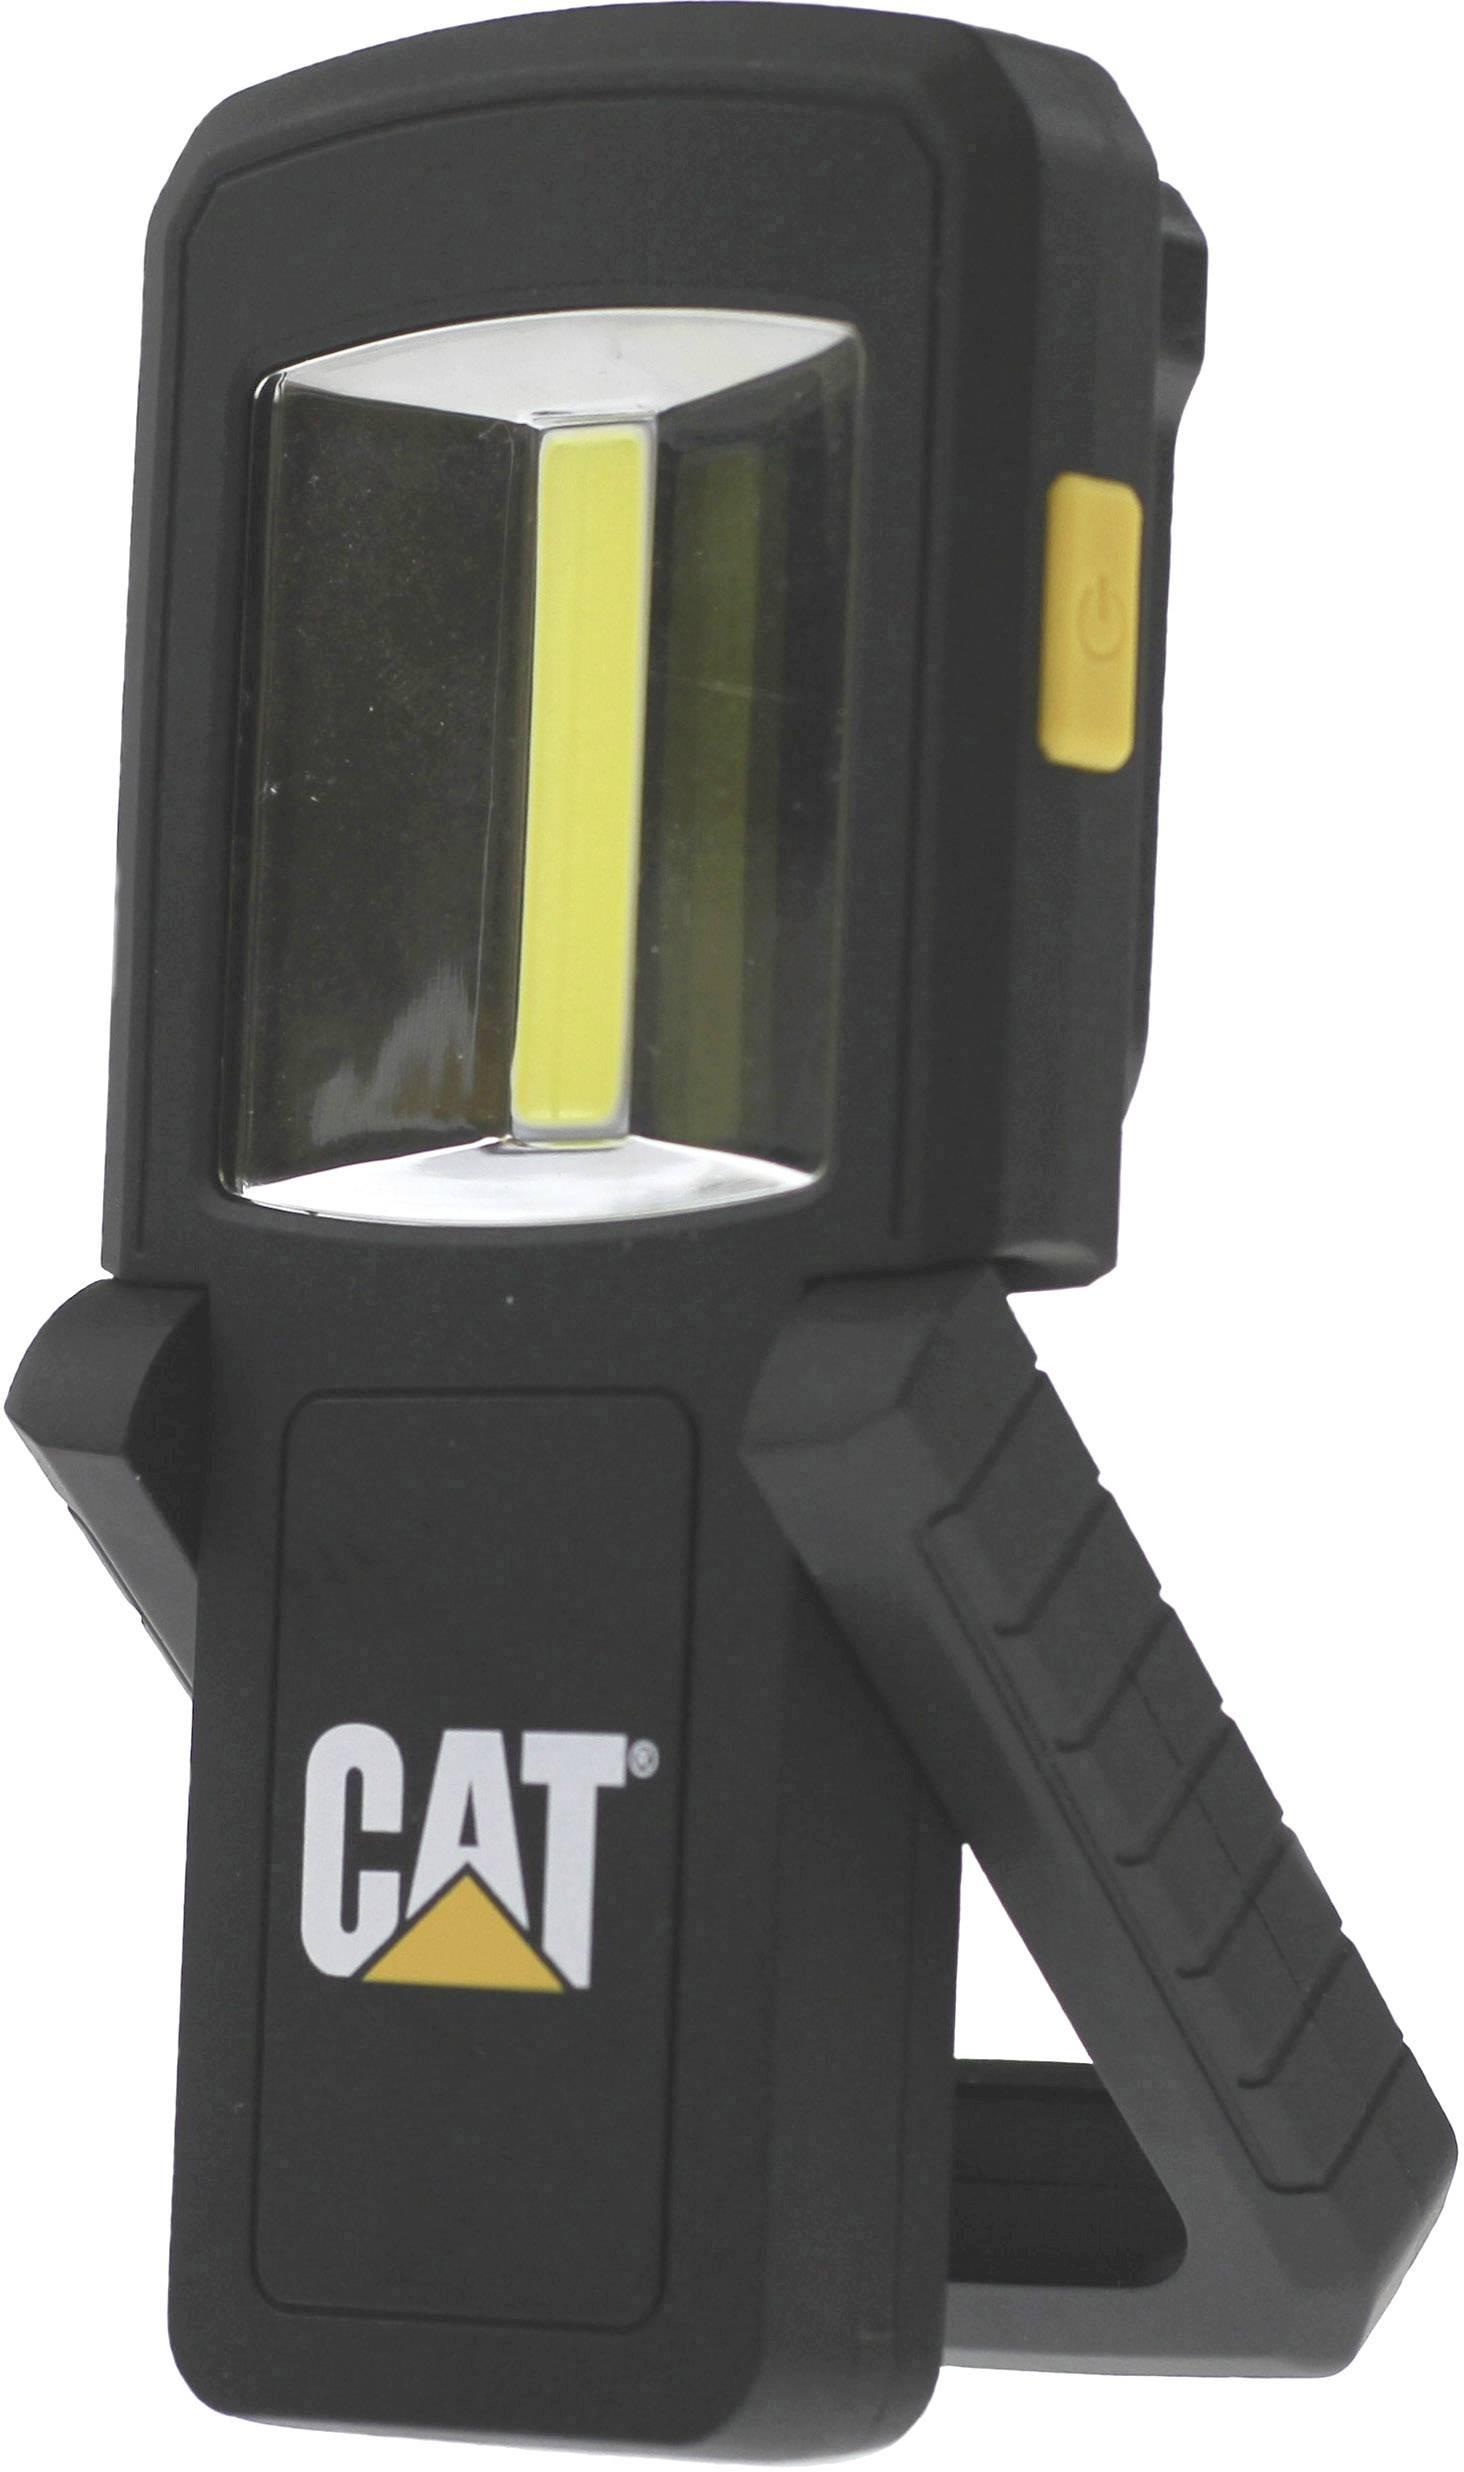 Led À sVente Travail Ct3510 Lampe Cat Demande De Pile Et rtxshQdC